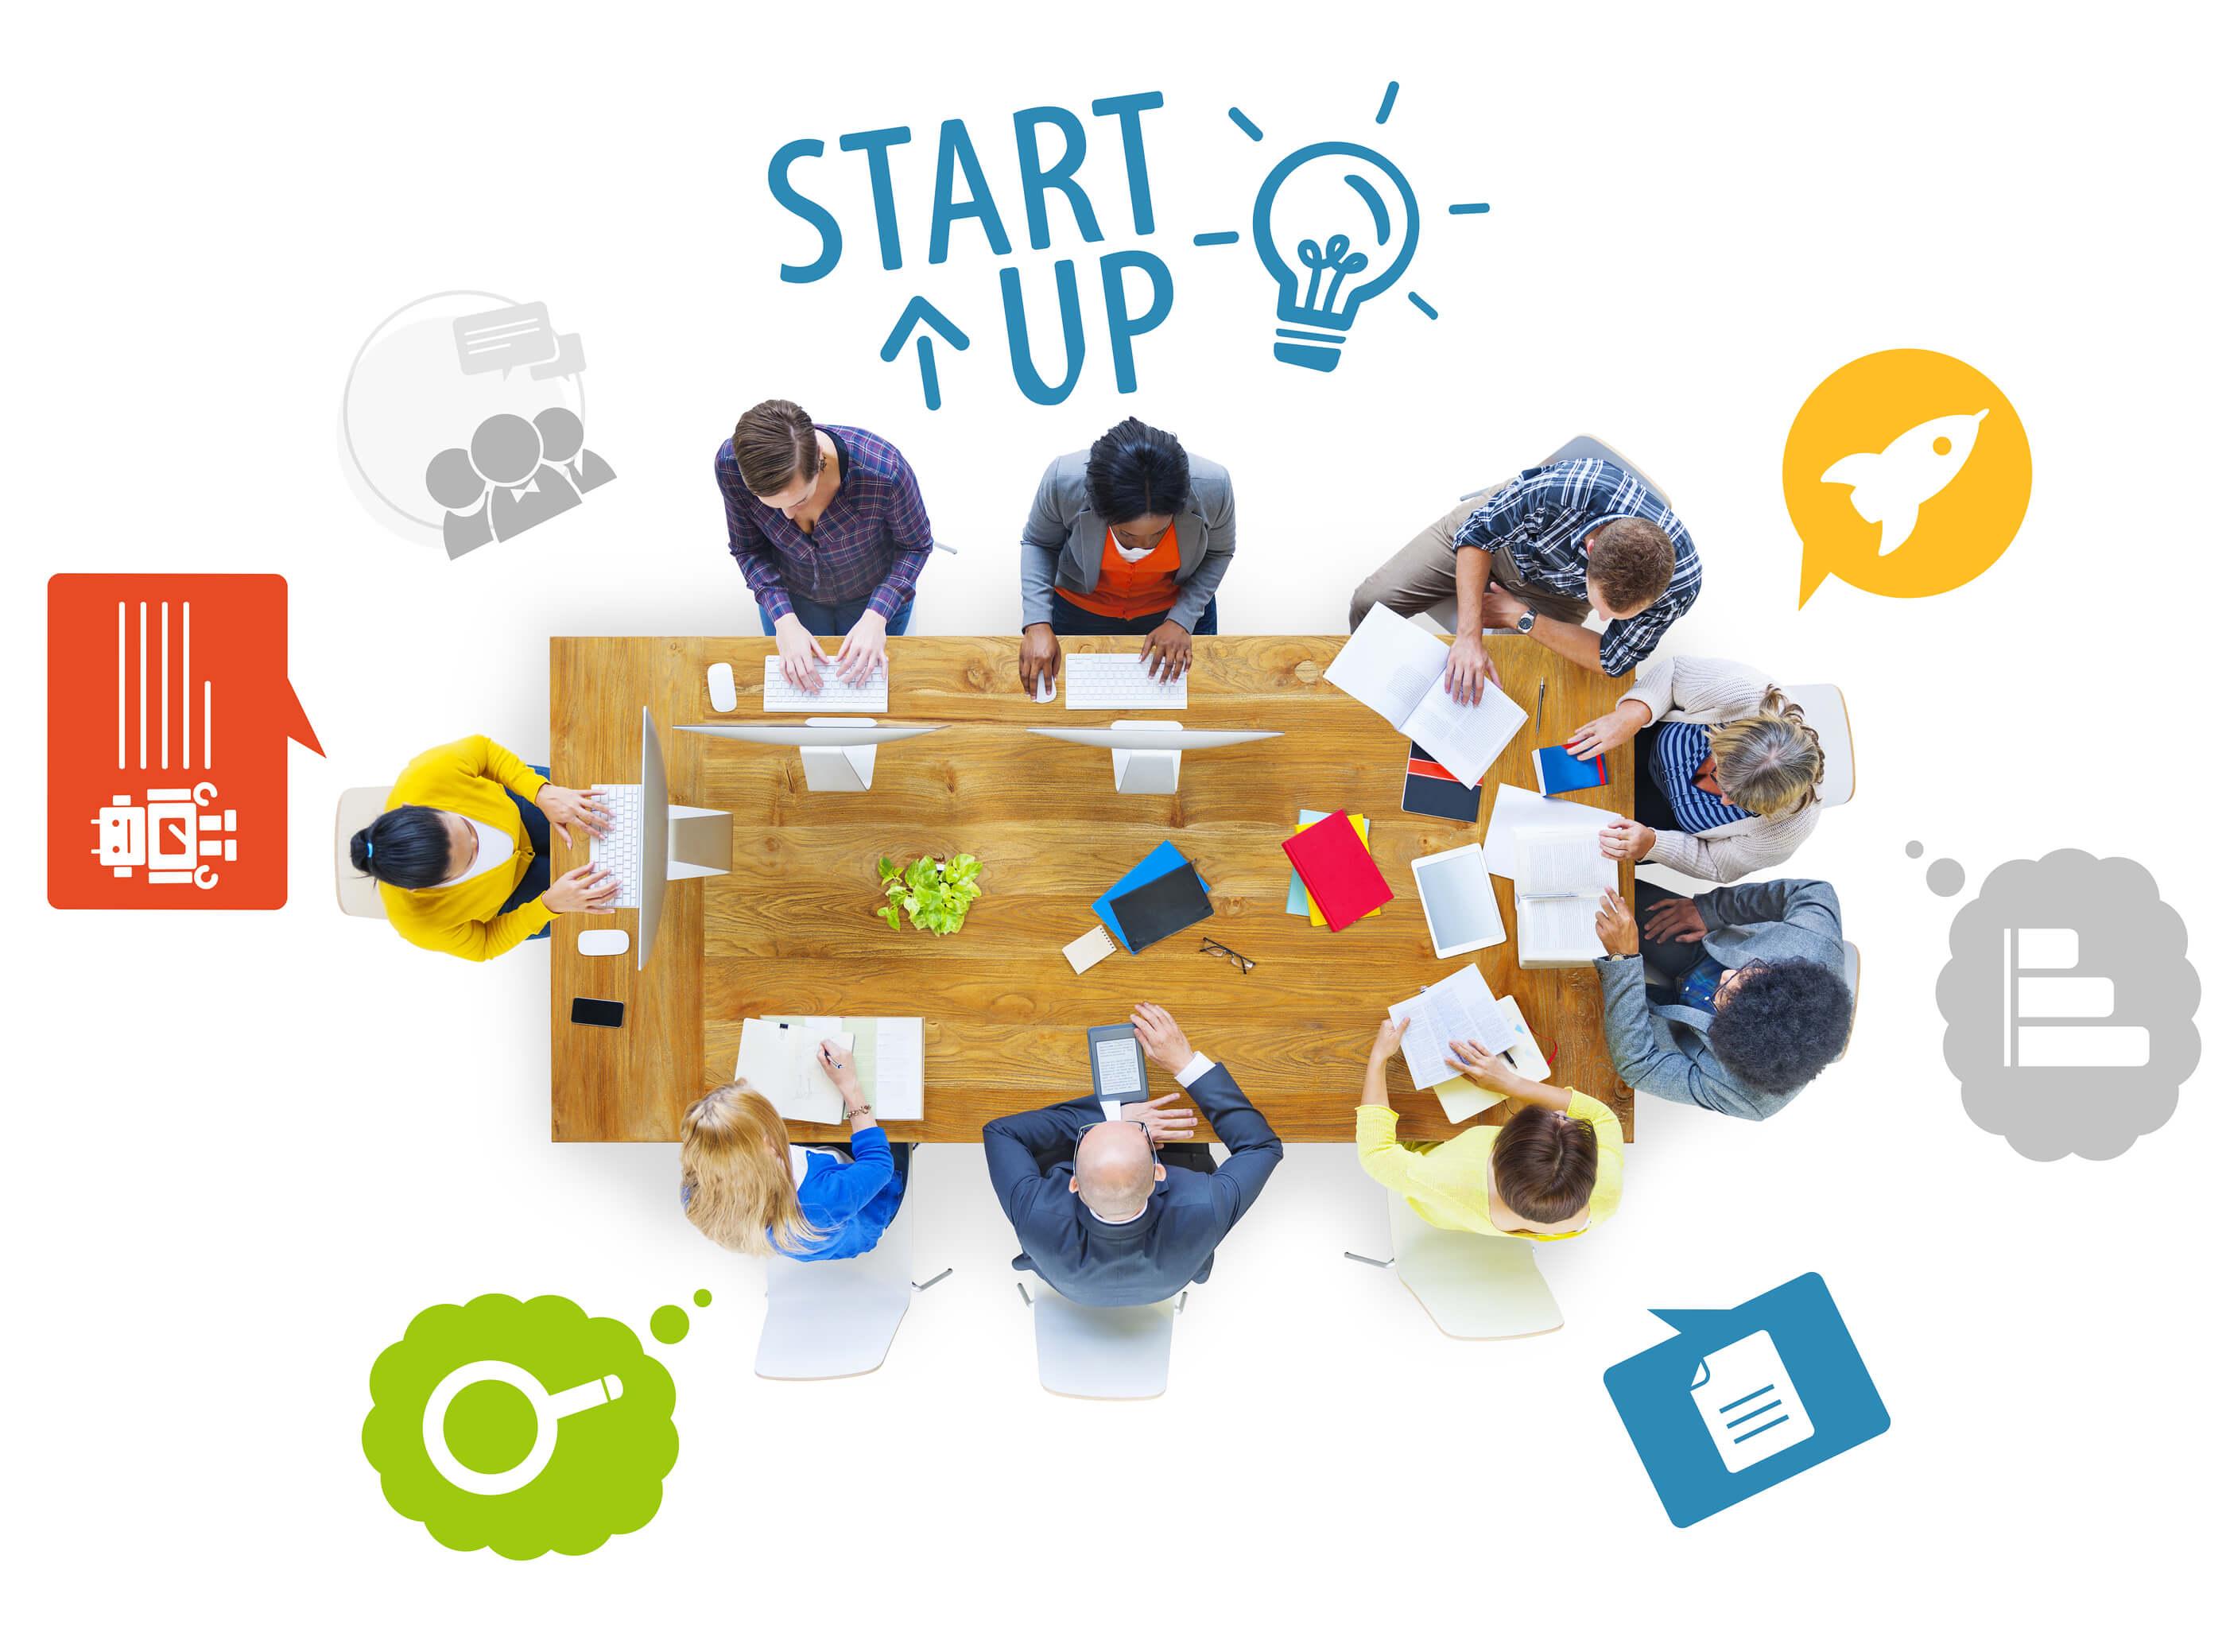 Startup là gì? Cơ hội hay thách thức cho bạn trẻ khởi nghiệp?